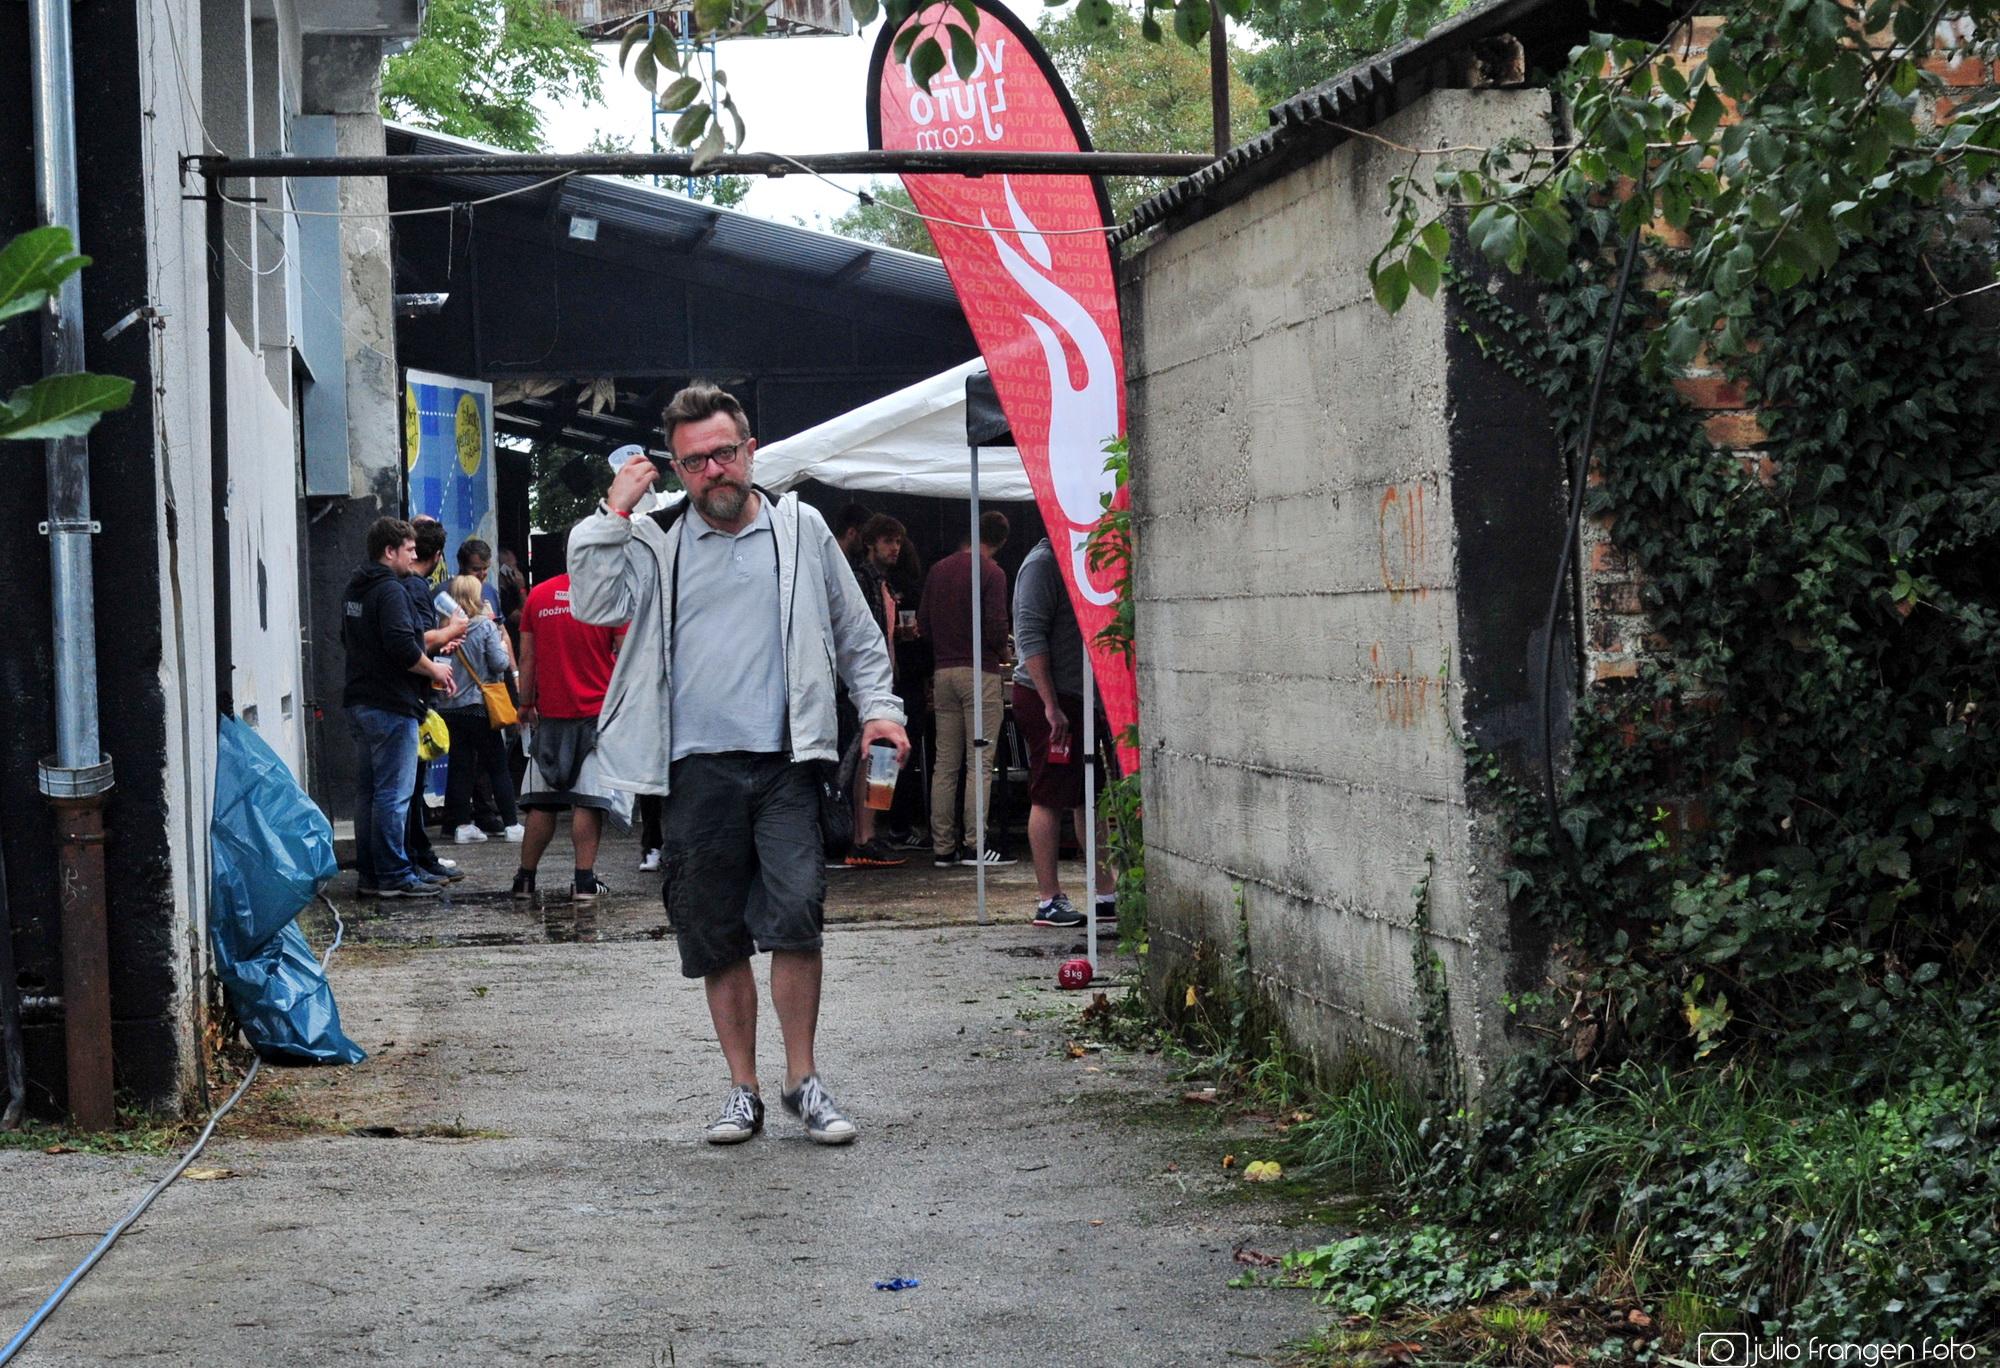 Craft piva & street food u Močvari